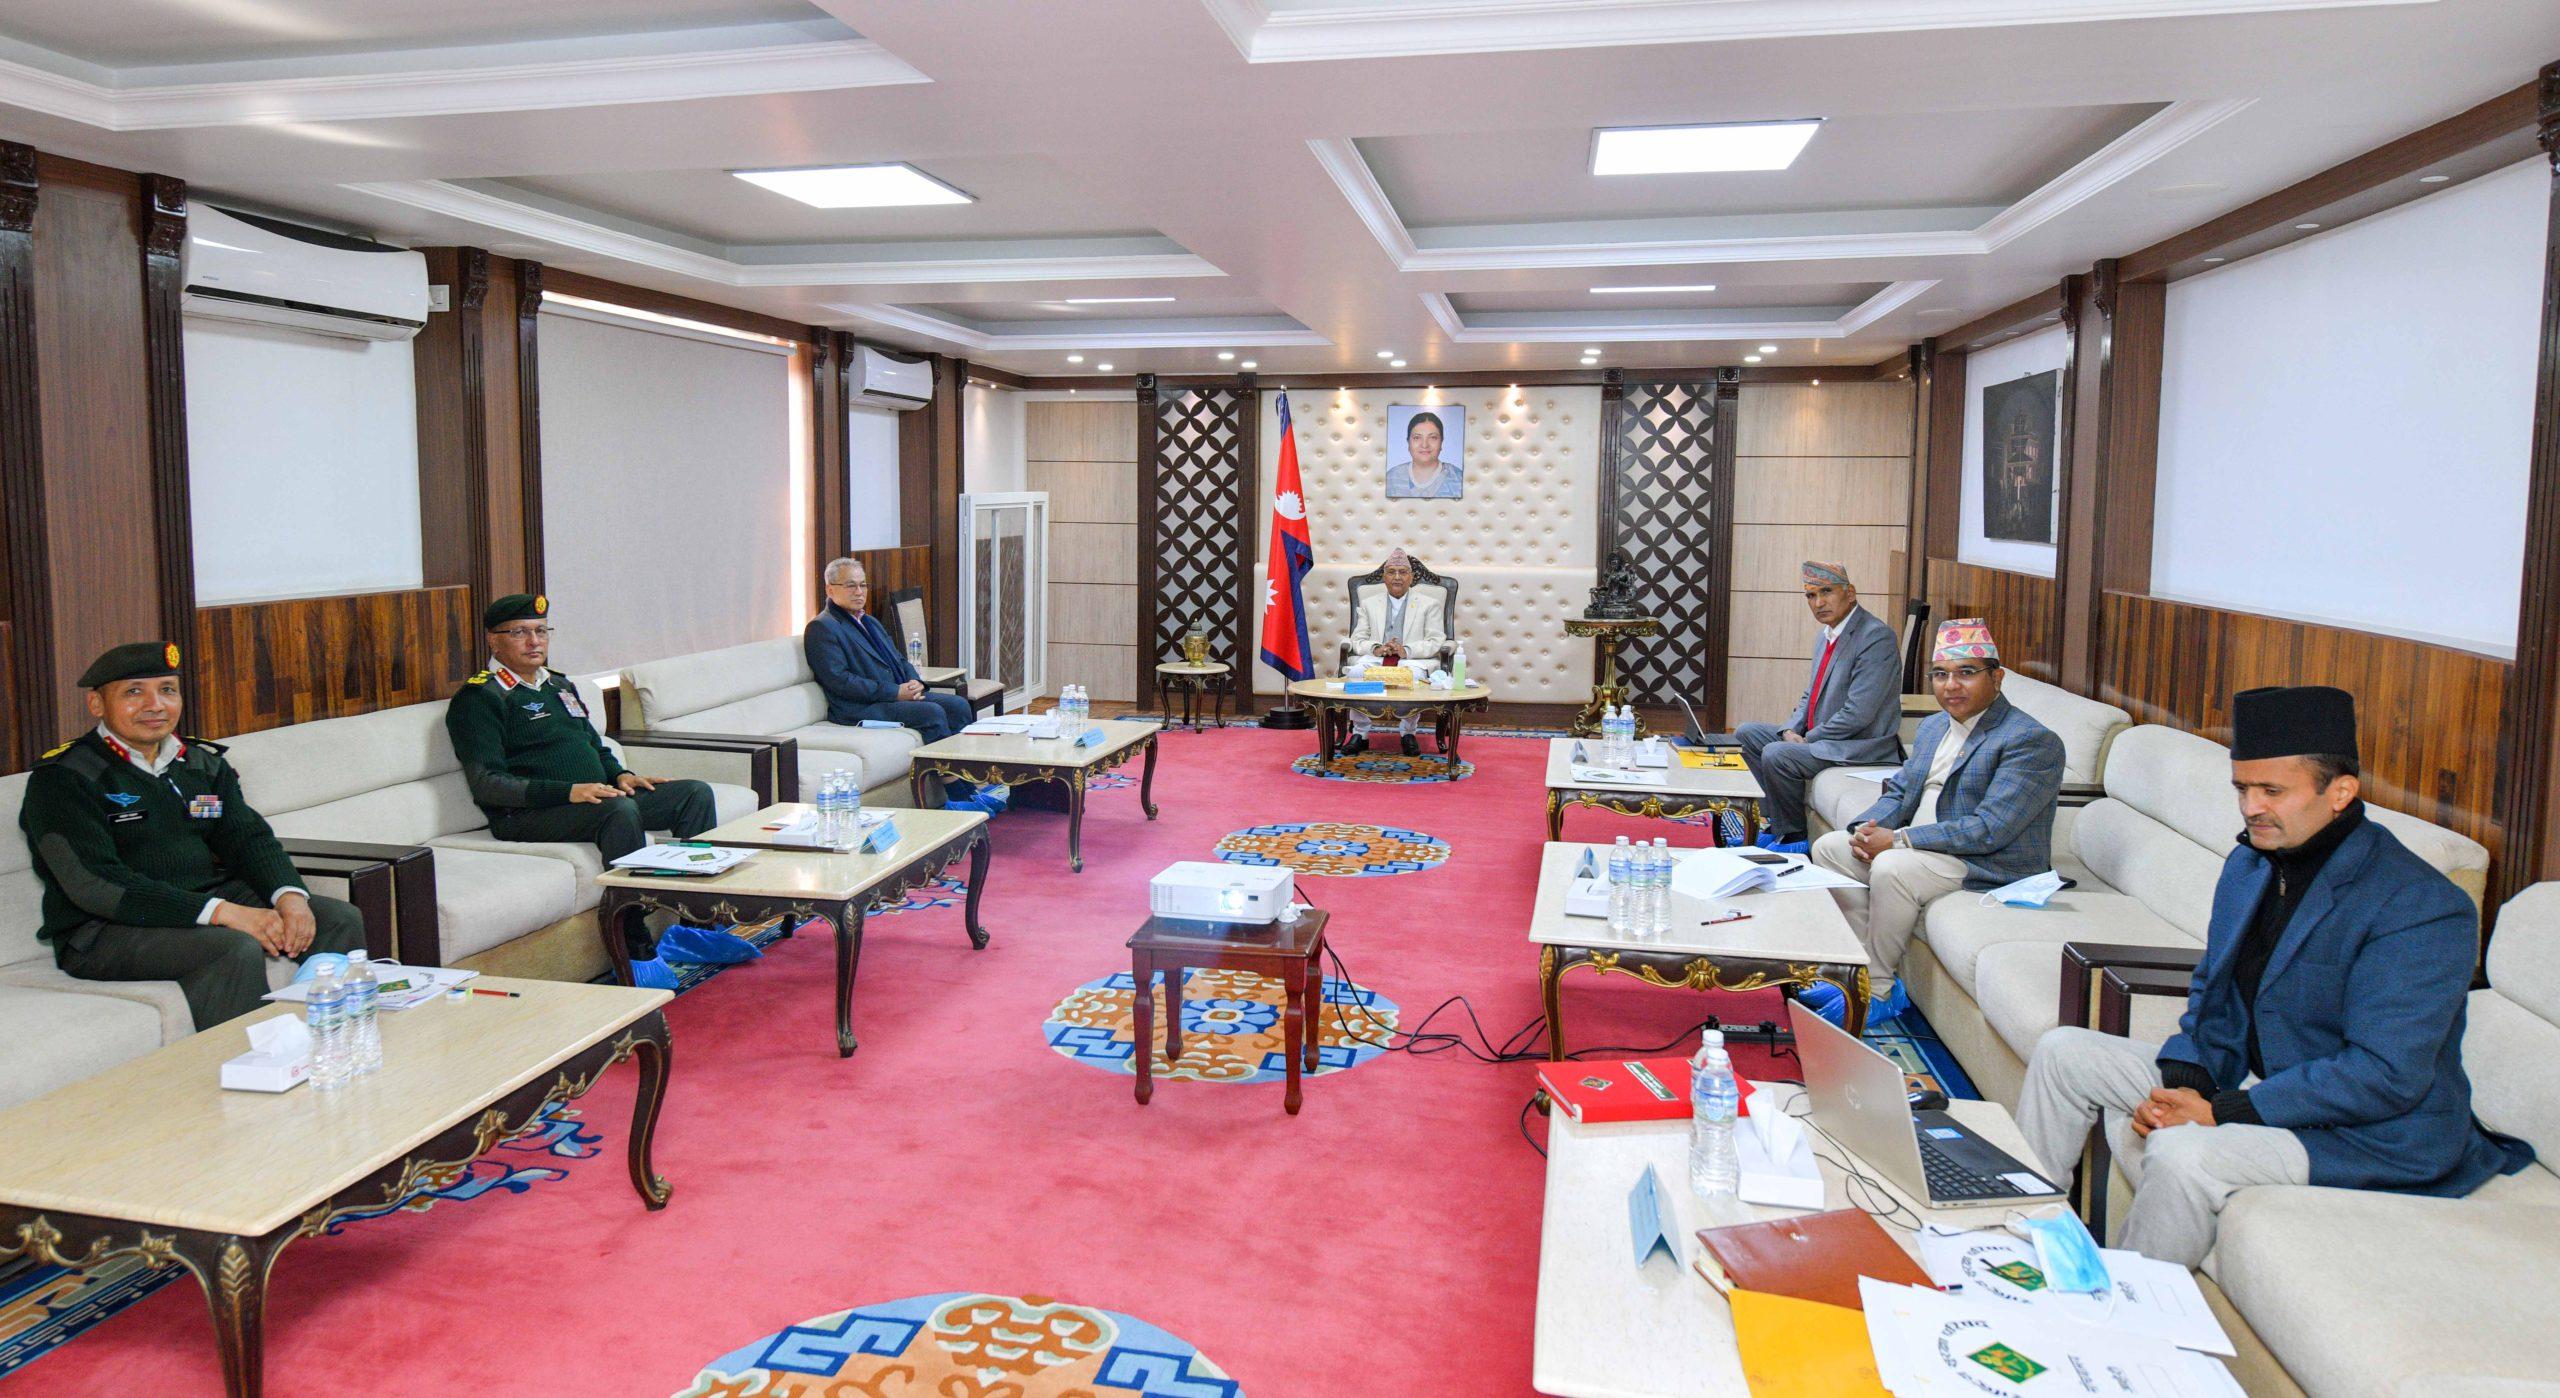 सुरक्षा परिषद् बैठकमा निर्वाचन सुरक्षाको विषयमा छलफल